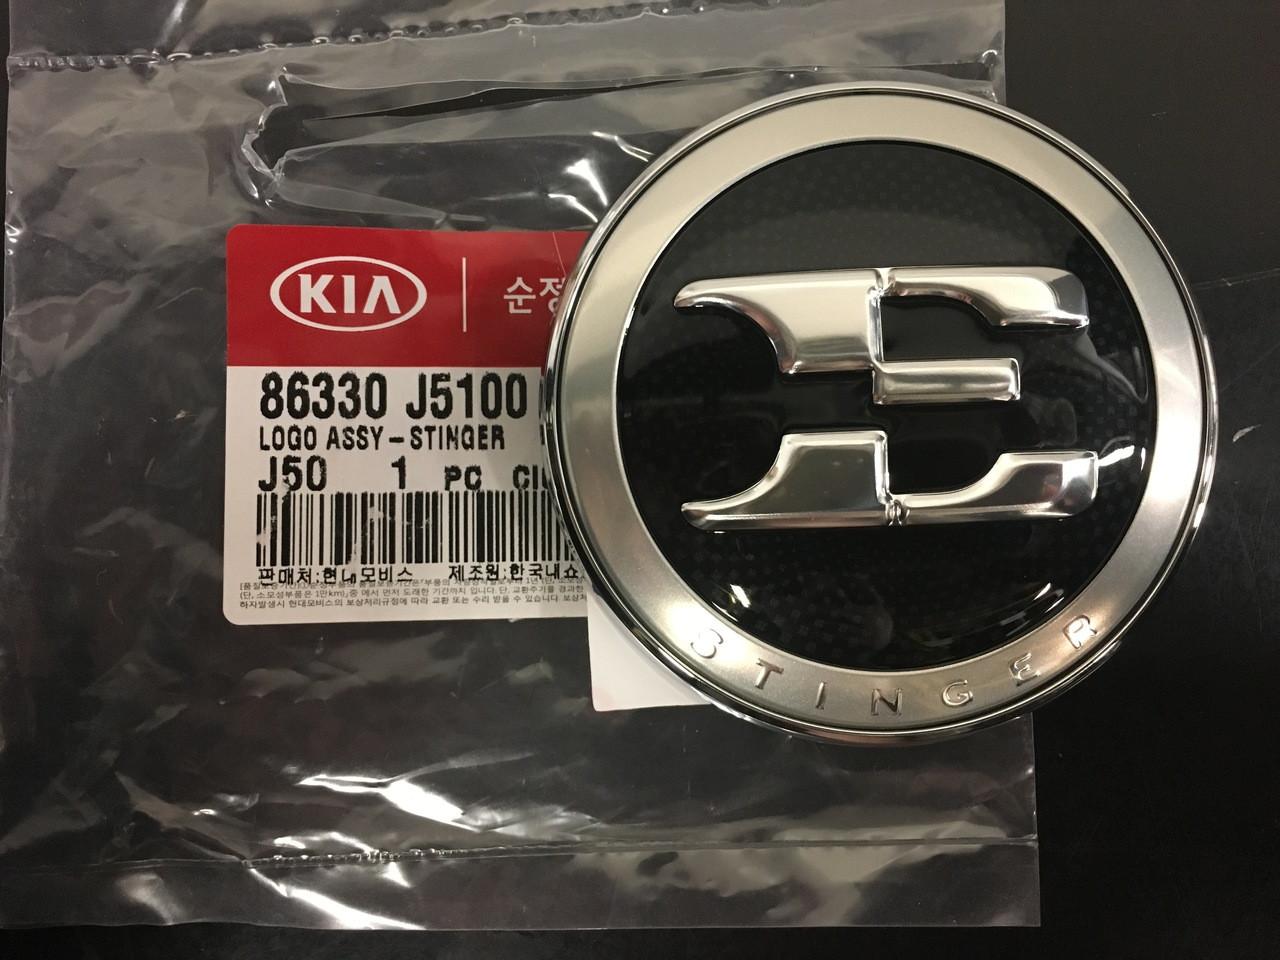 2018 Kia Stinger Emblem Kit  Free Shipping  Kia Stinger